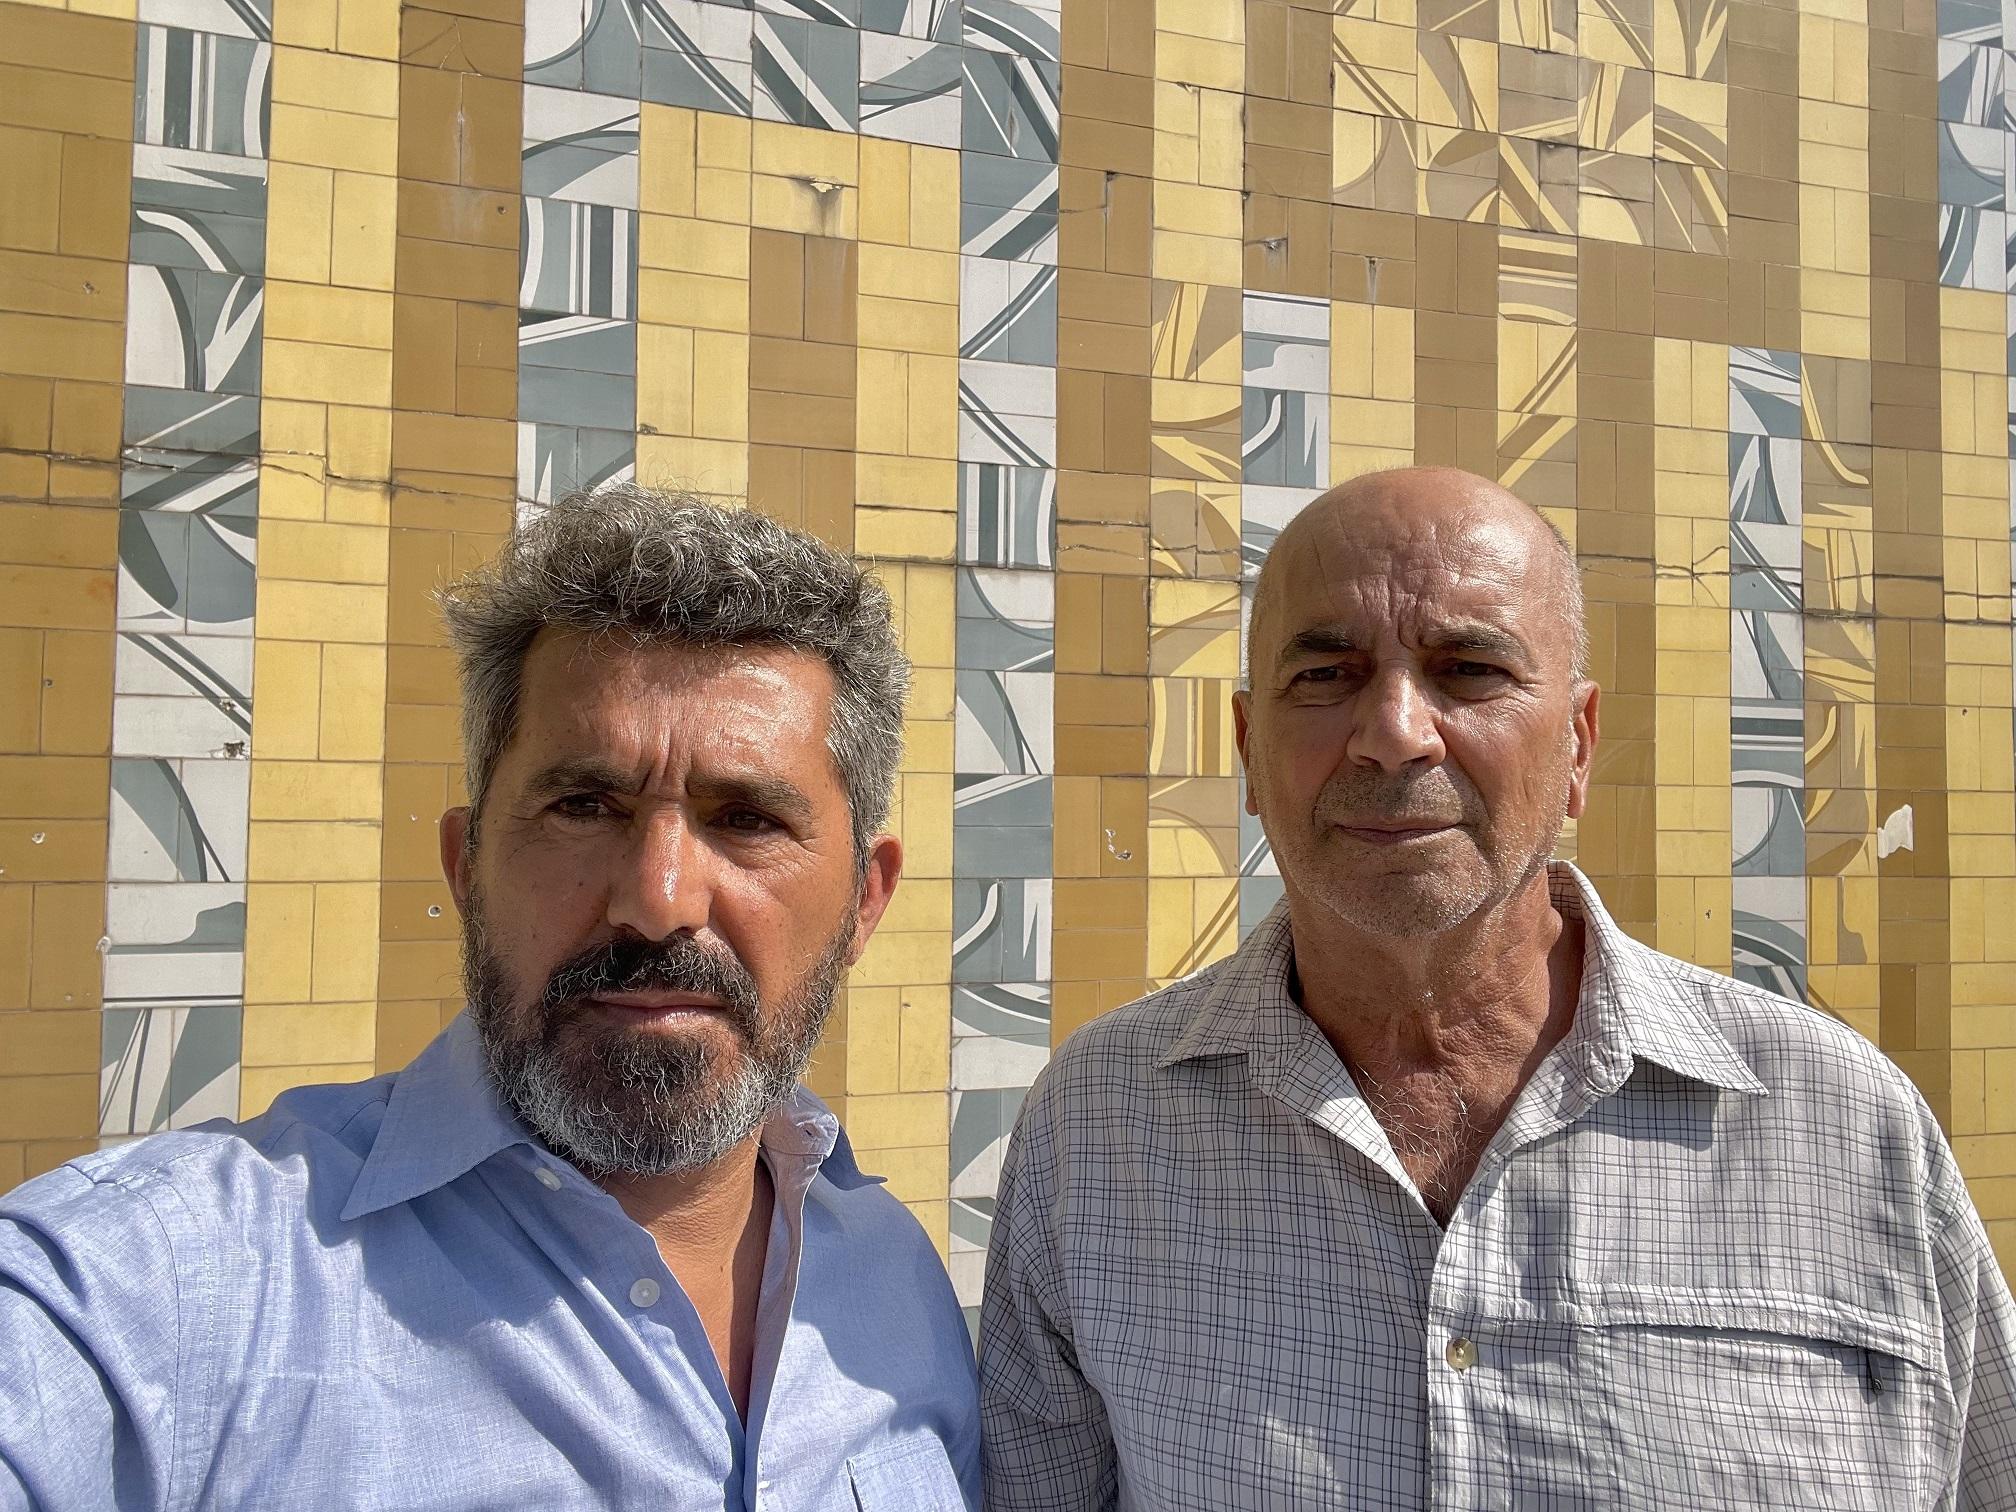 Jorge Lima Alves e José Vieira Mendes